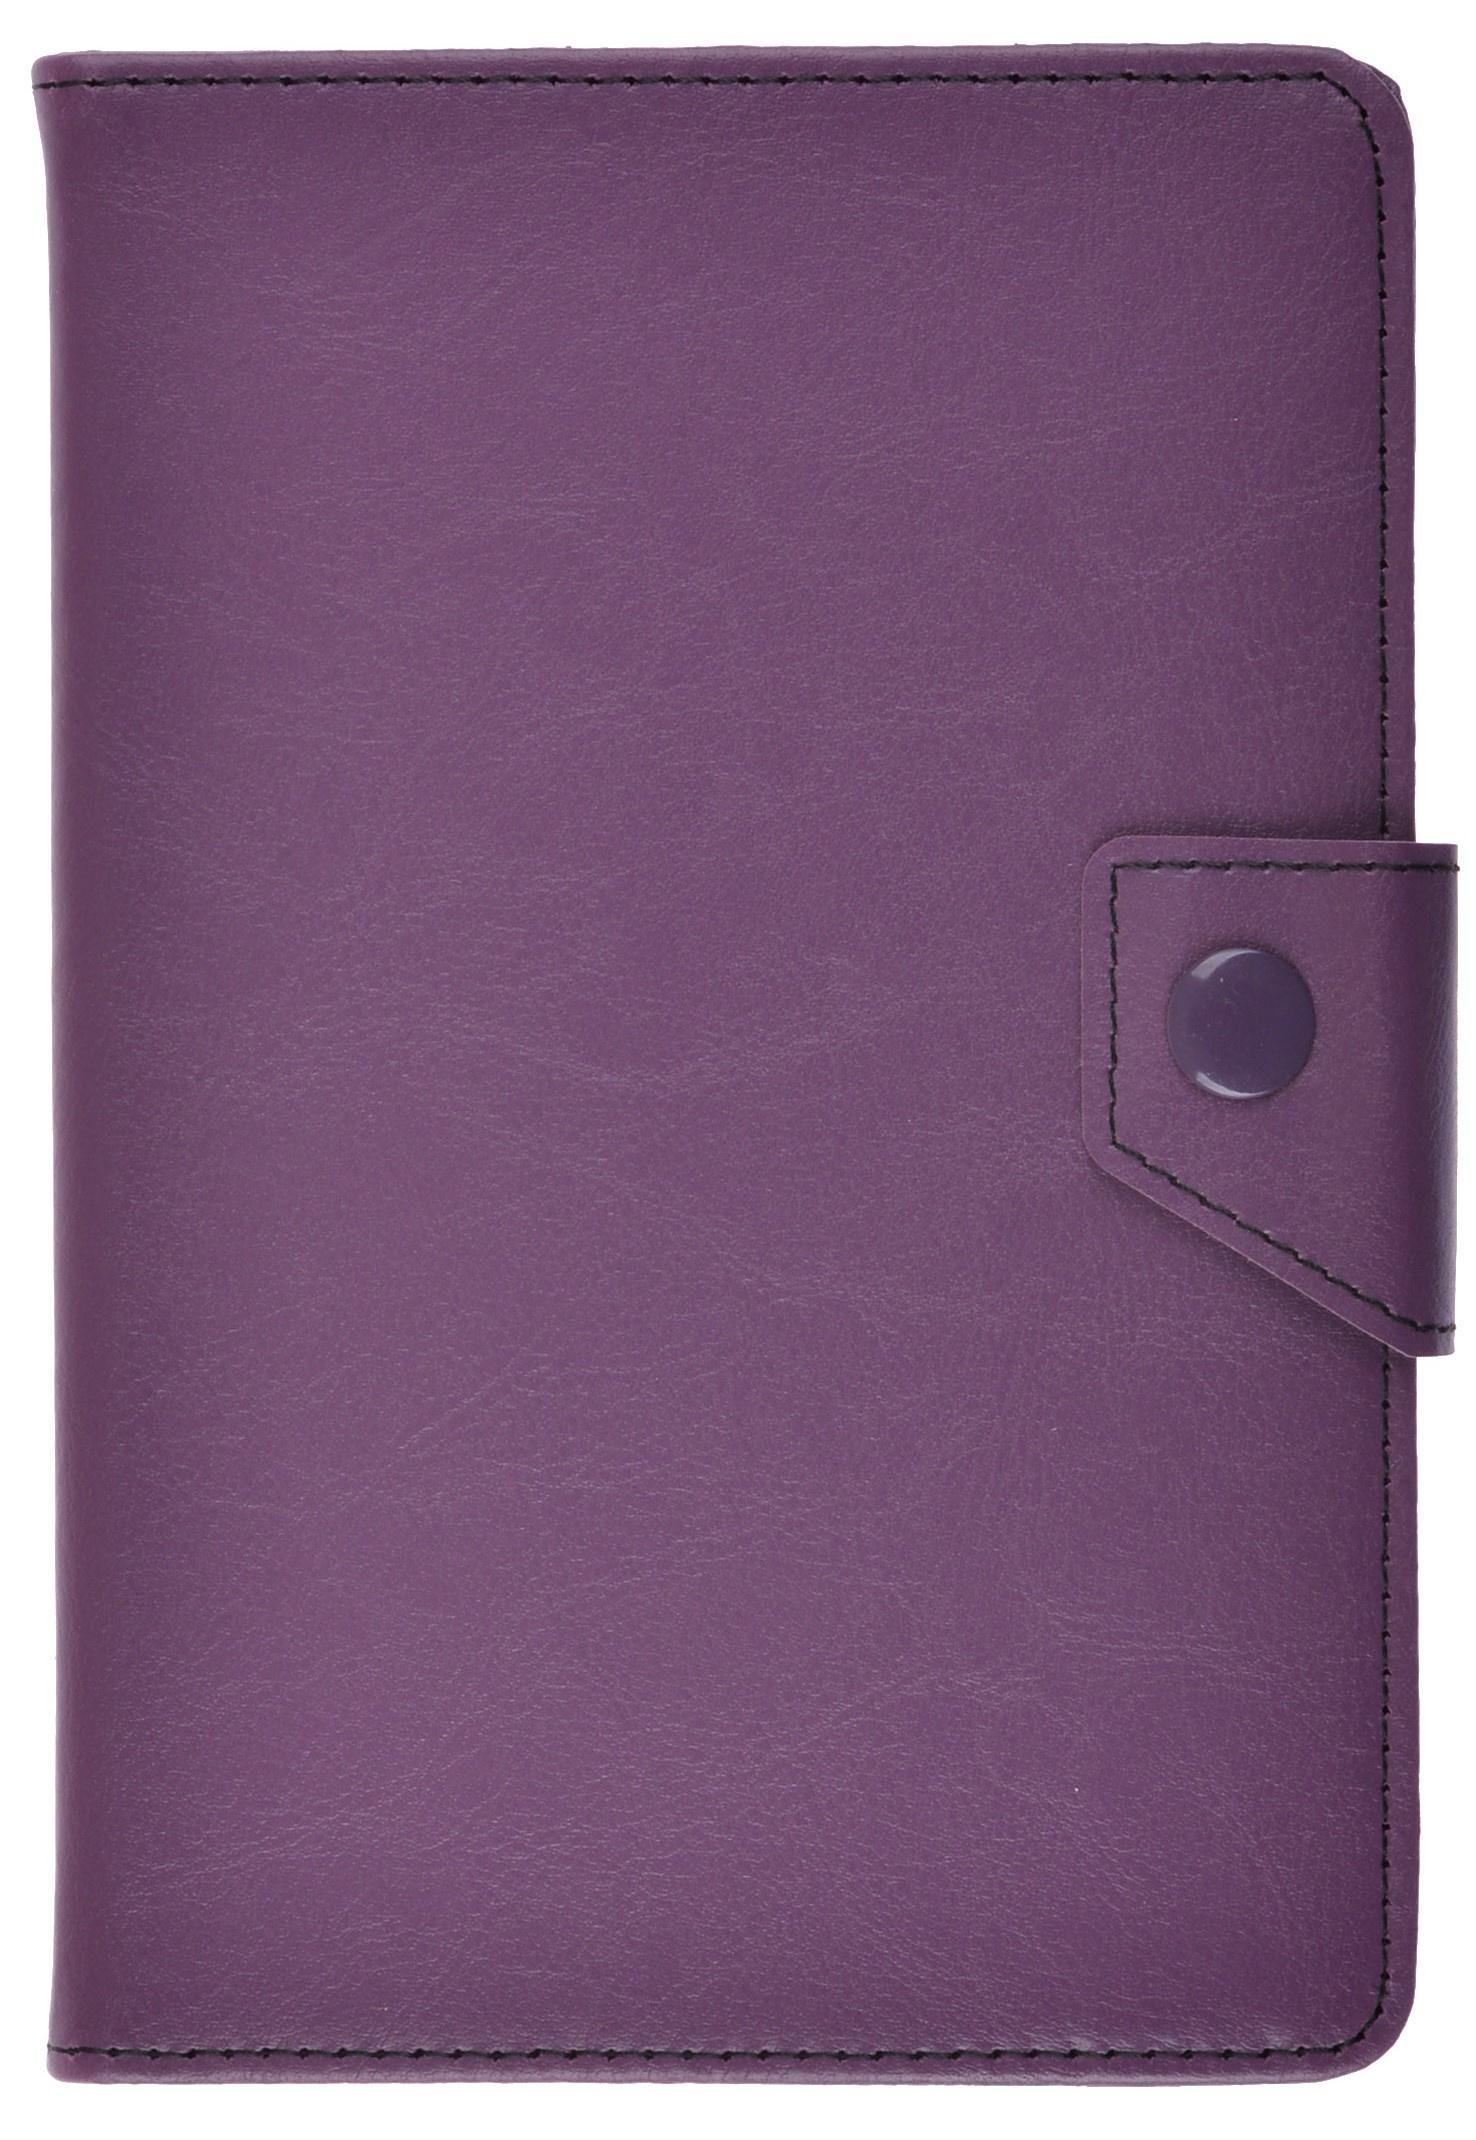 Чехол для планшета ProShield Standard slim clips 8, 4660041409611, фиолетовый чехол универсальный proshield standard clips8 2000000139876 золотистый